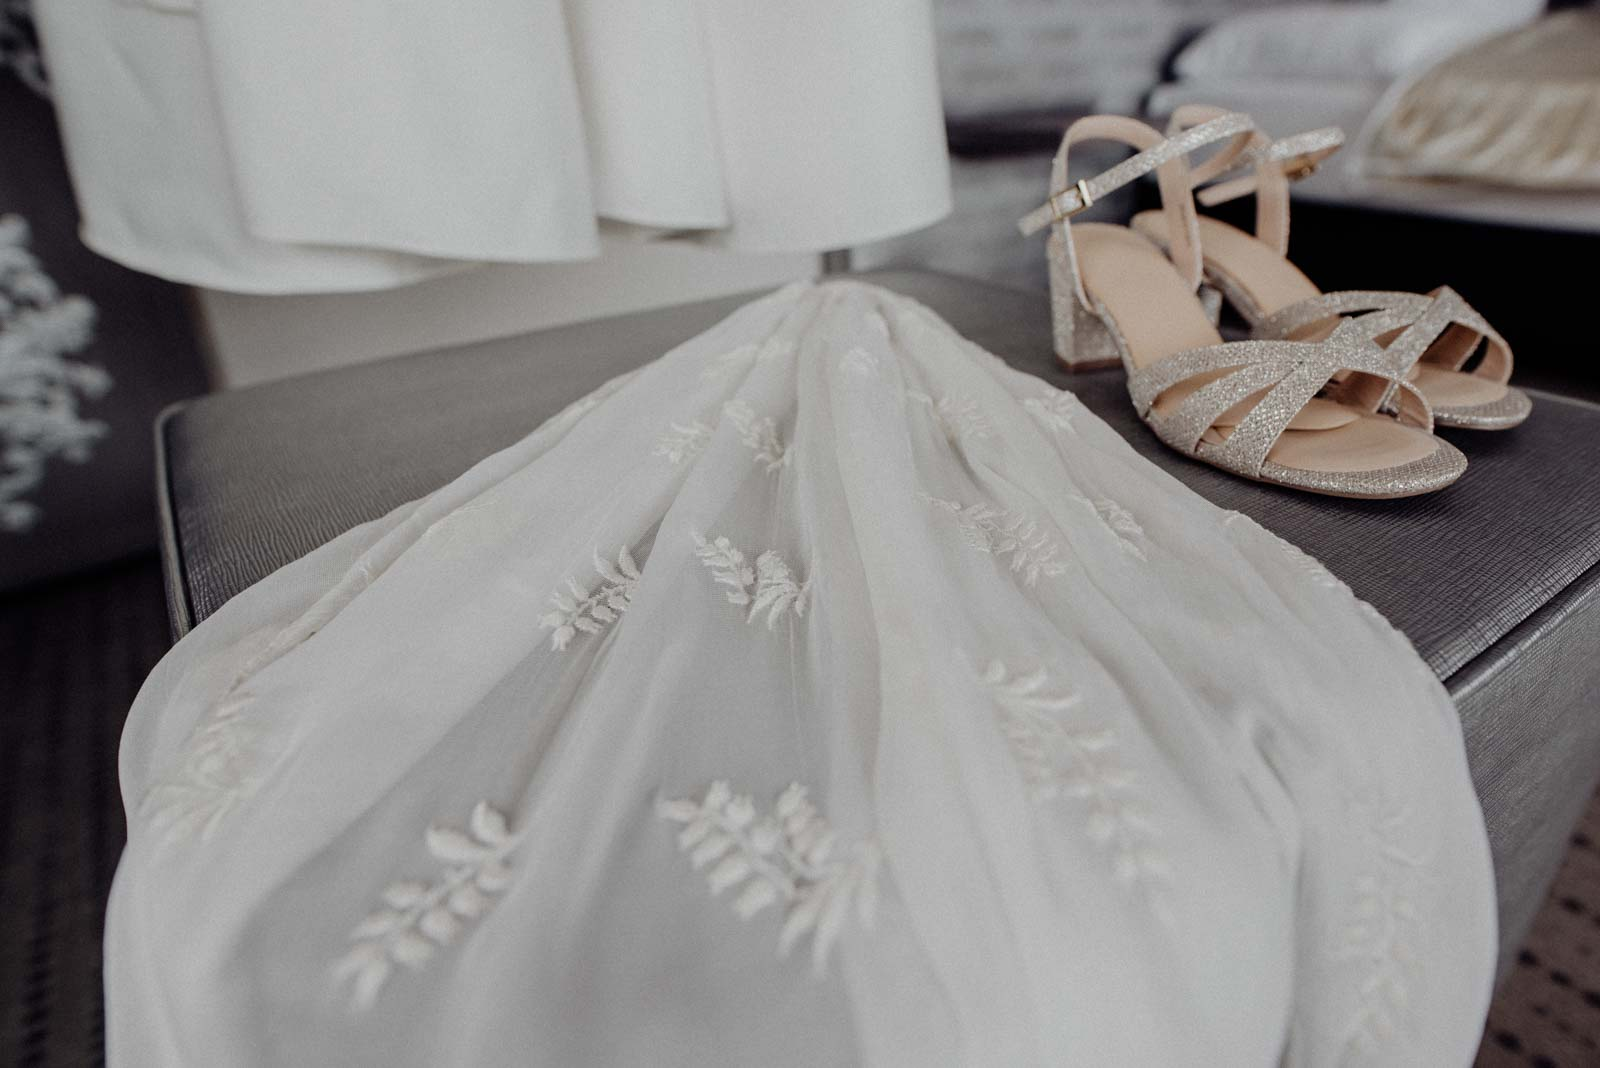 Schleier und Schuhe der Braut